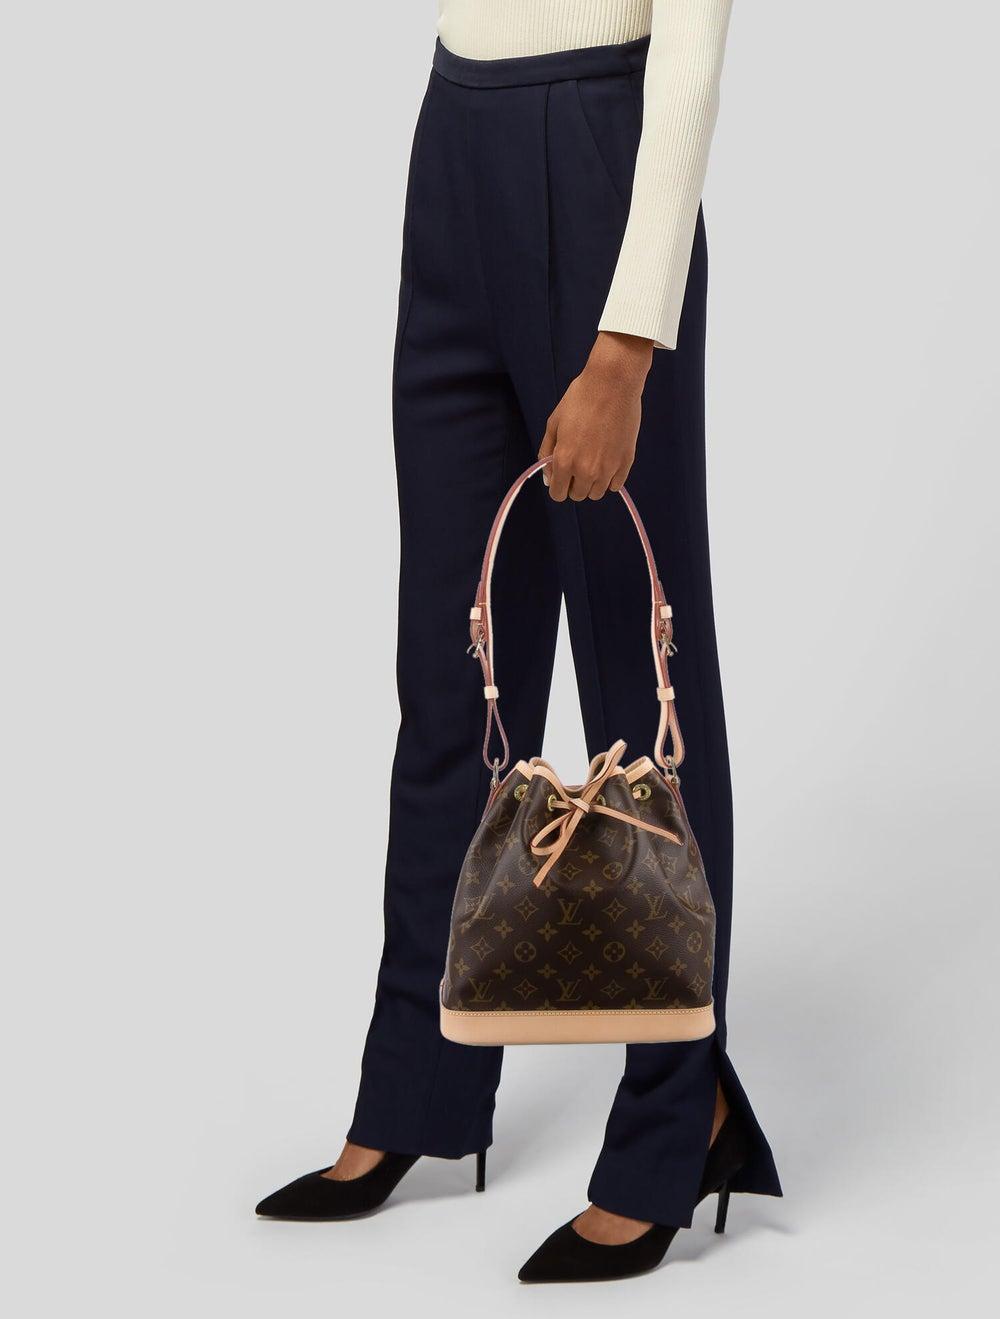 Louis Vuitton 2021 Monogram Petit Noé Brown - image 2